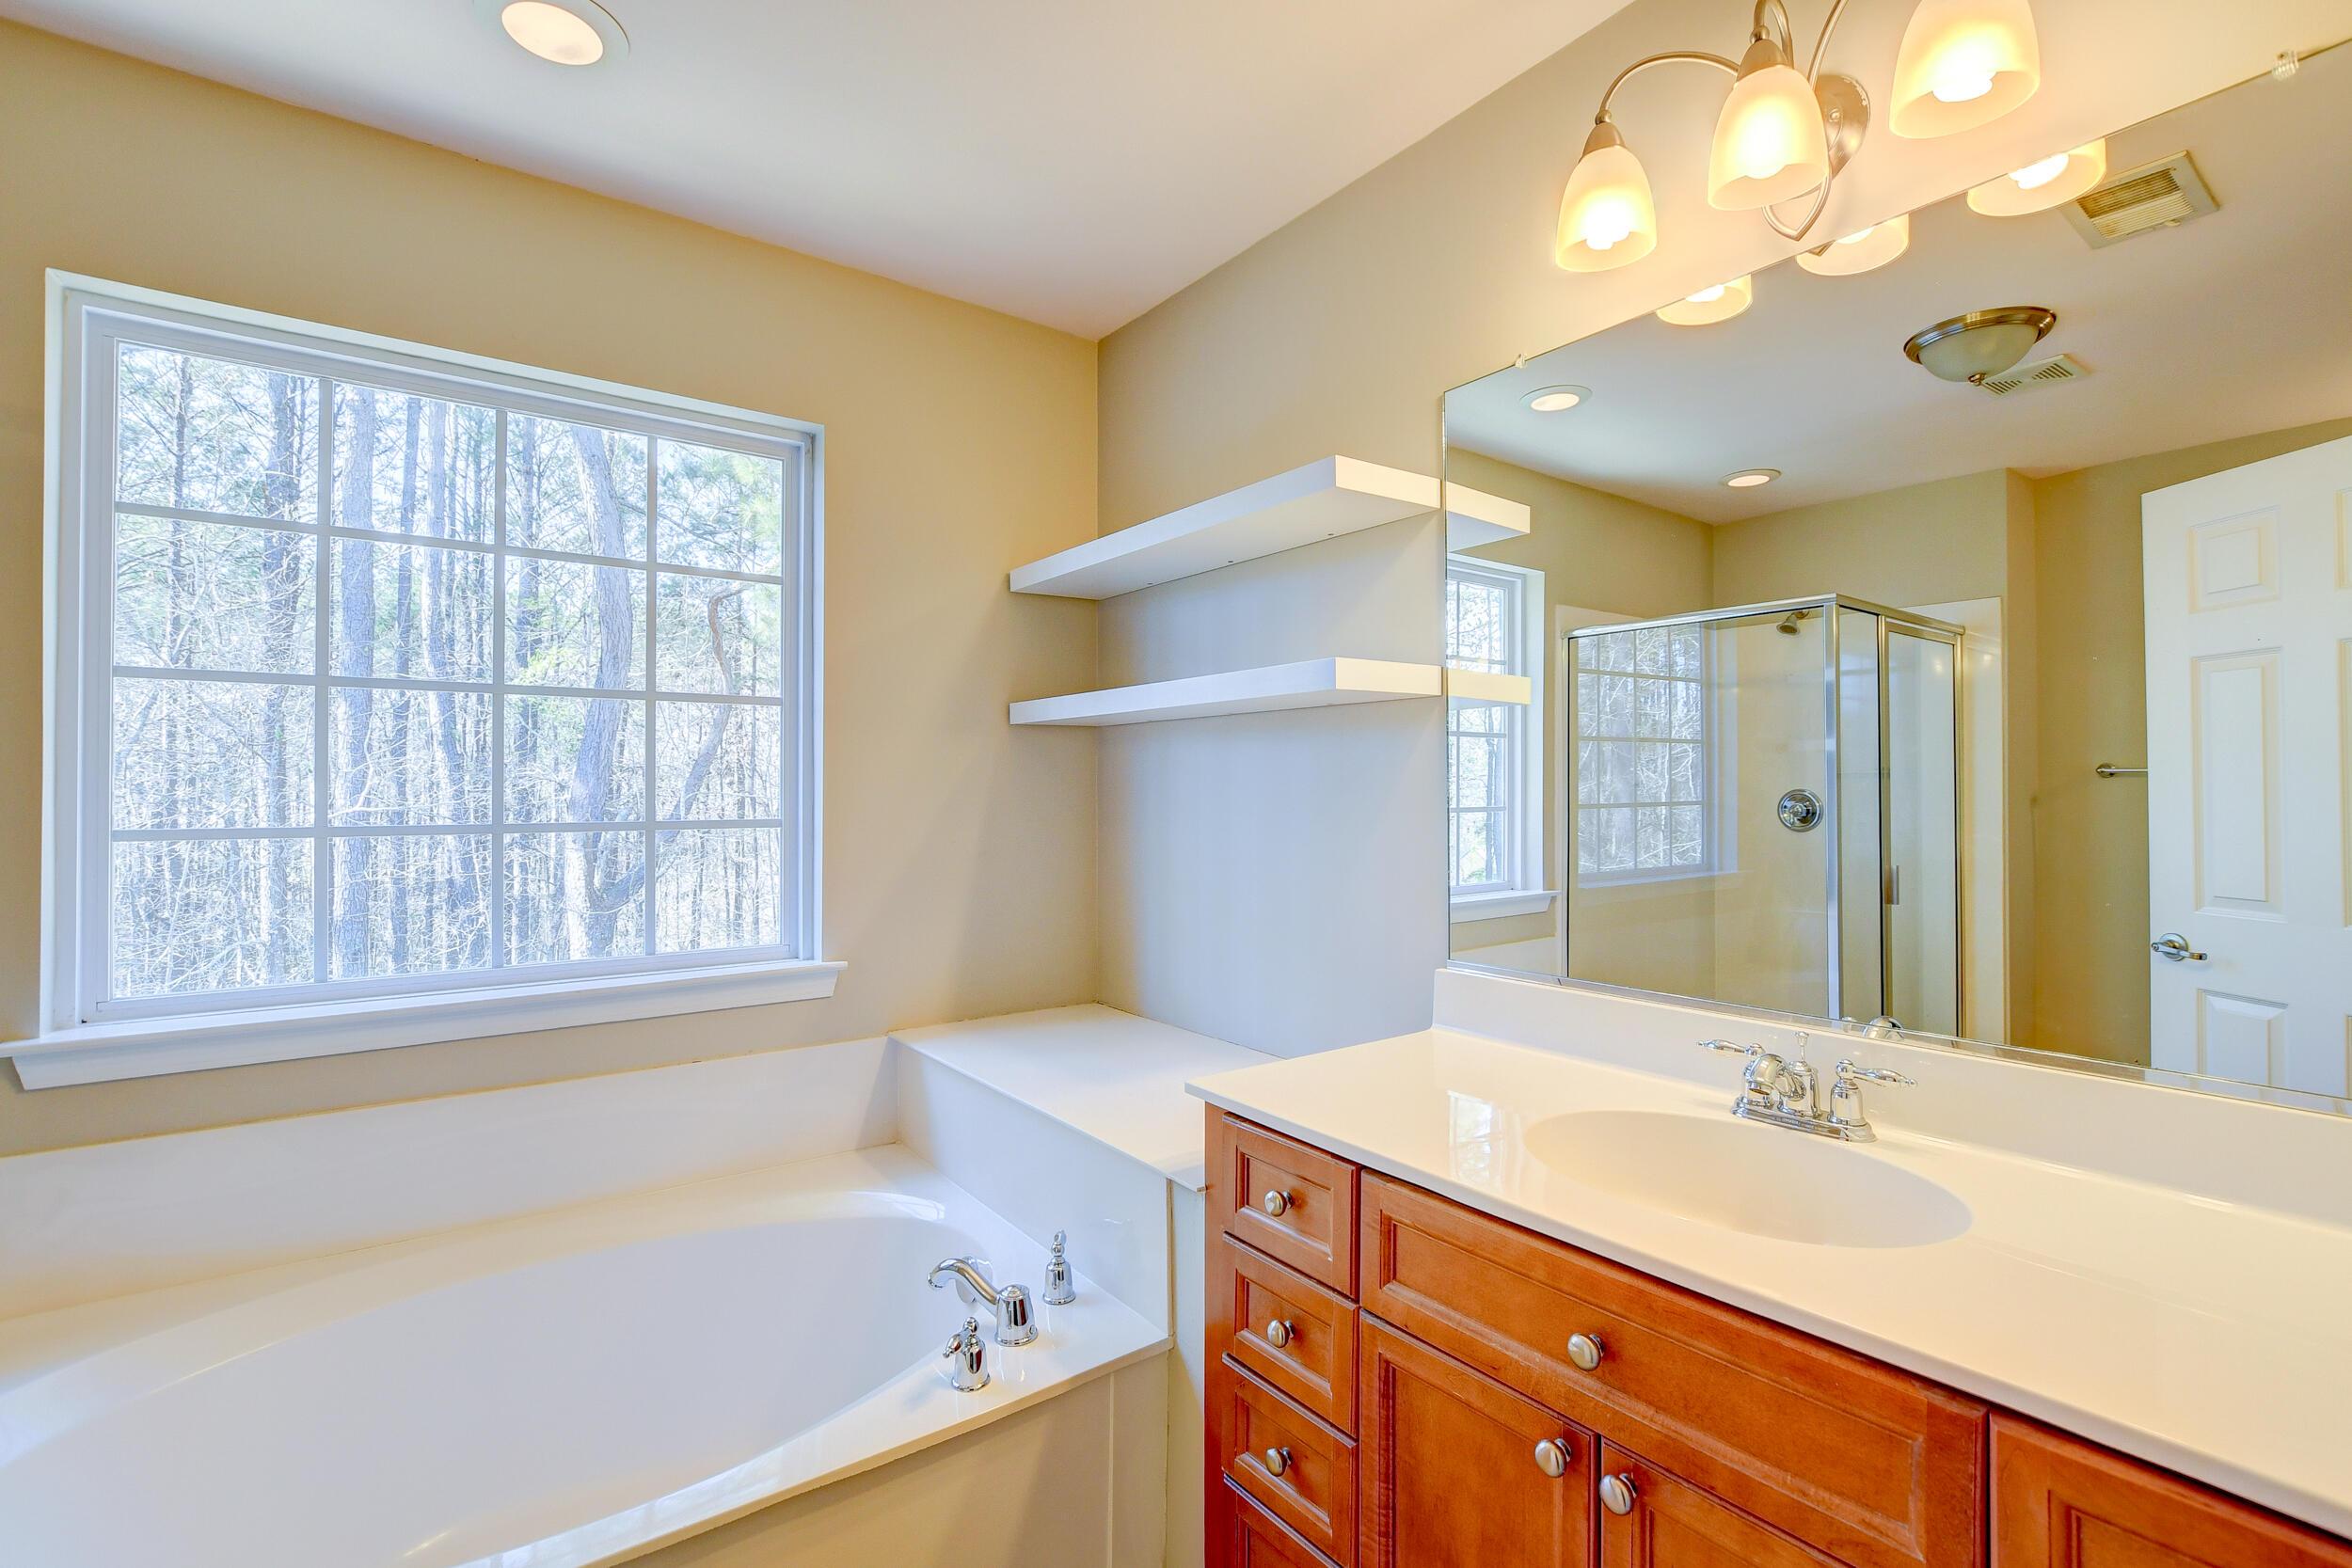 Park West Homes For Sale - 3545 Claremont, Mount Pleasant, SC - 38